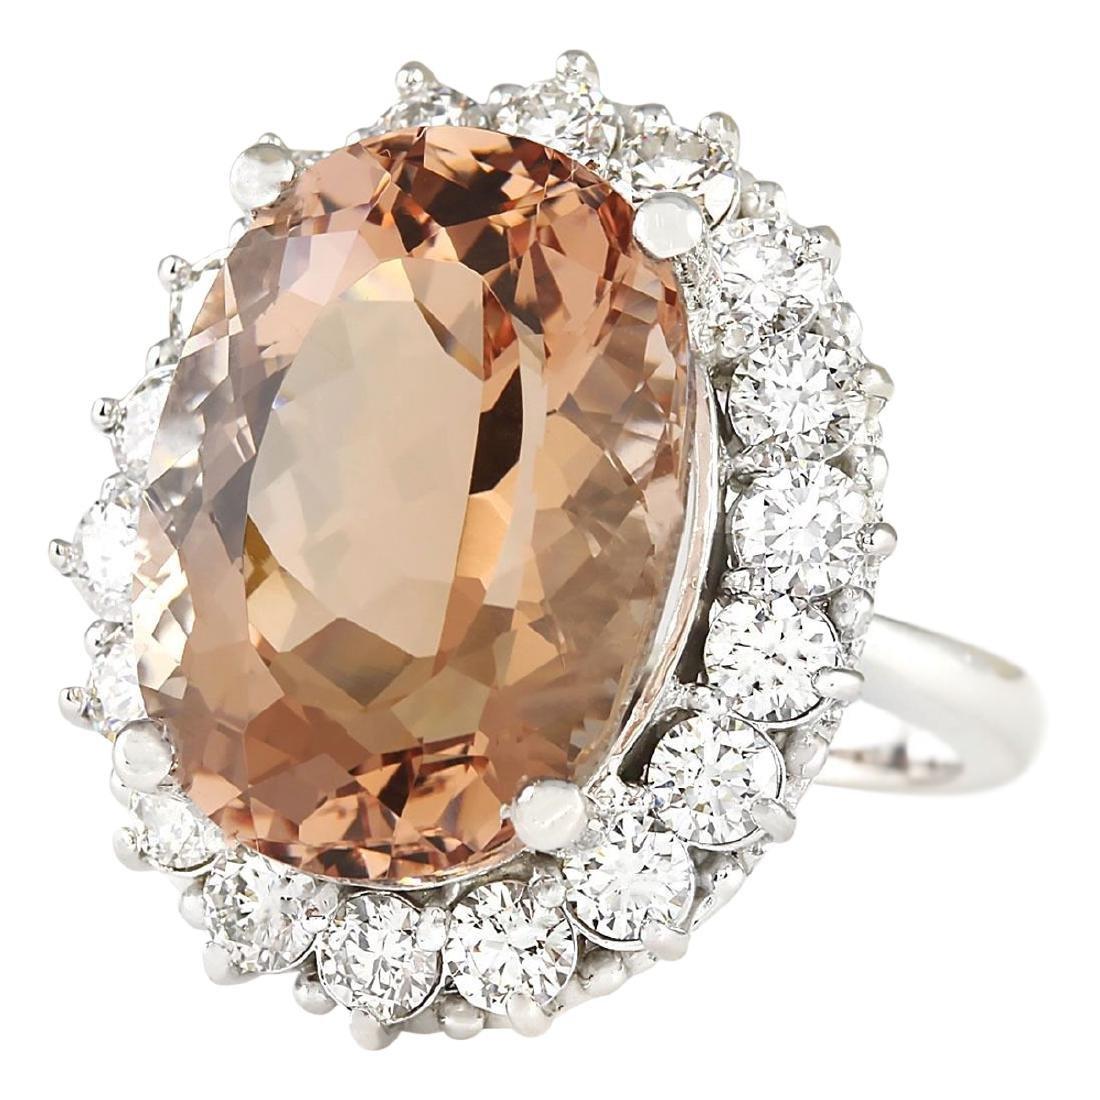 16.87 CTW Natural Morganite And Diamond Ring In 18K - 2